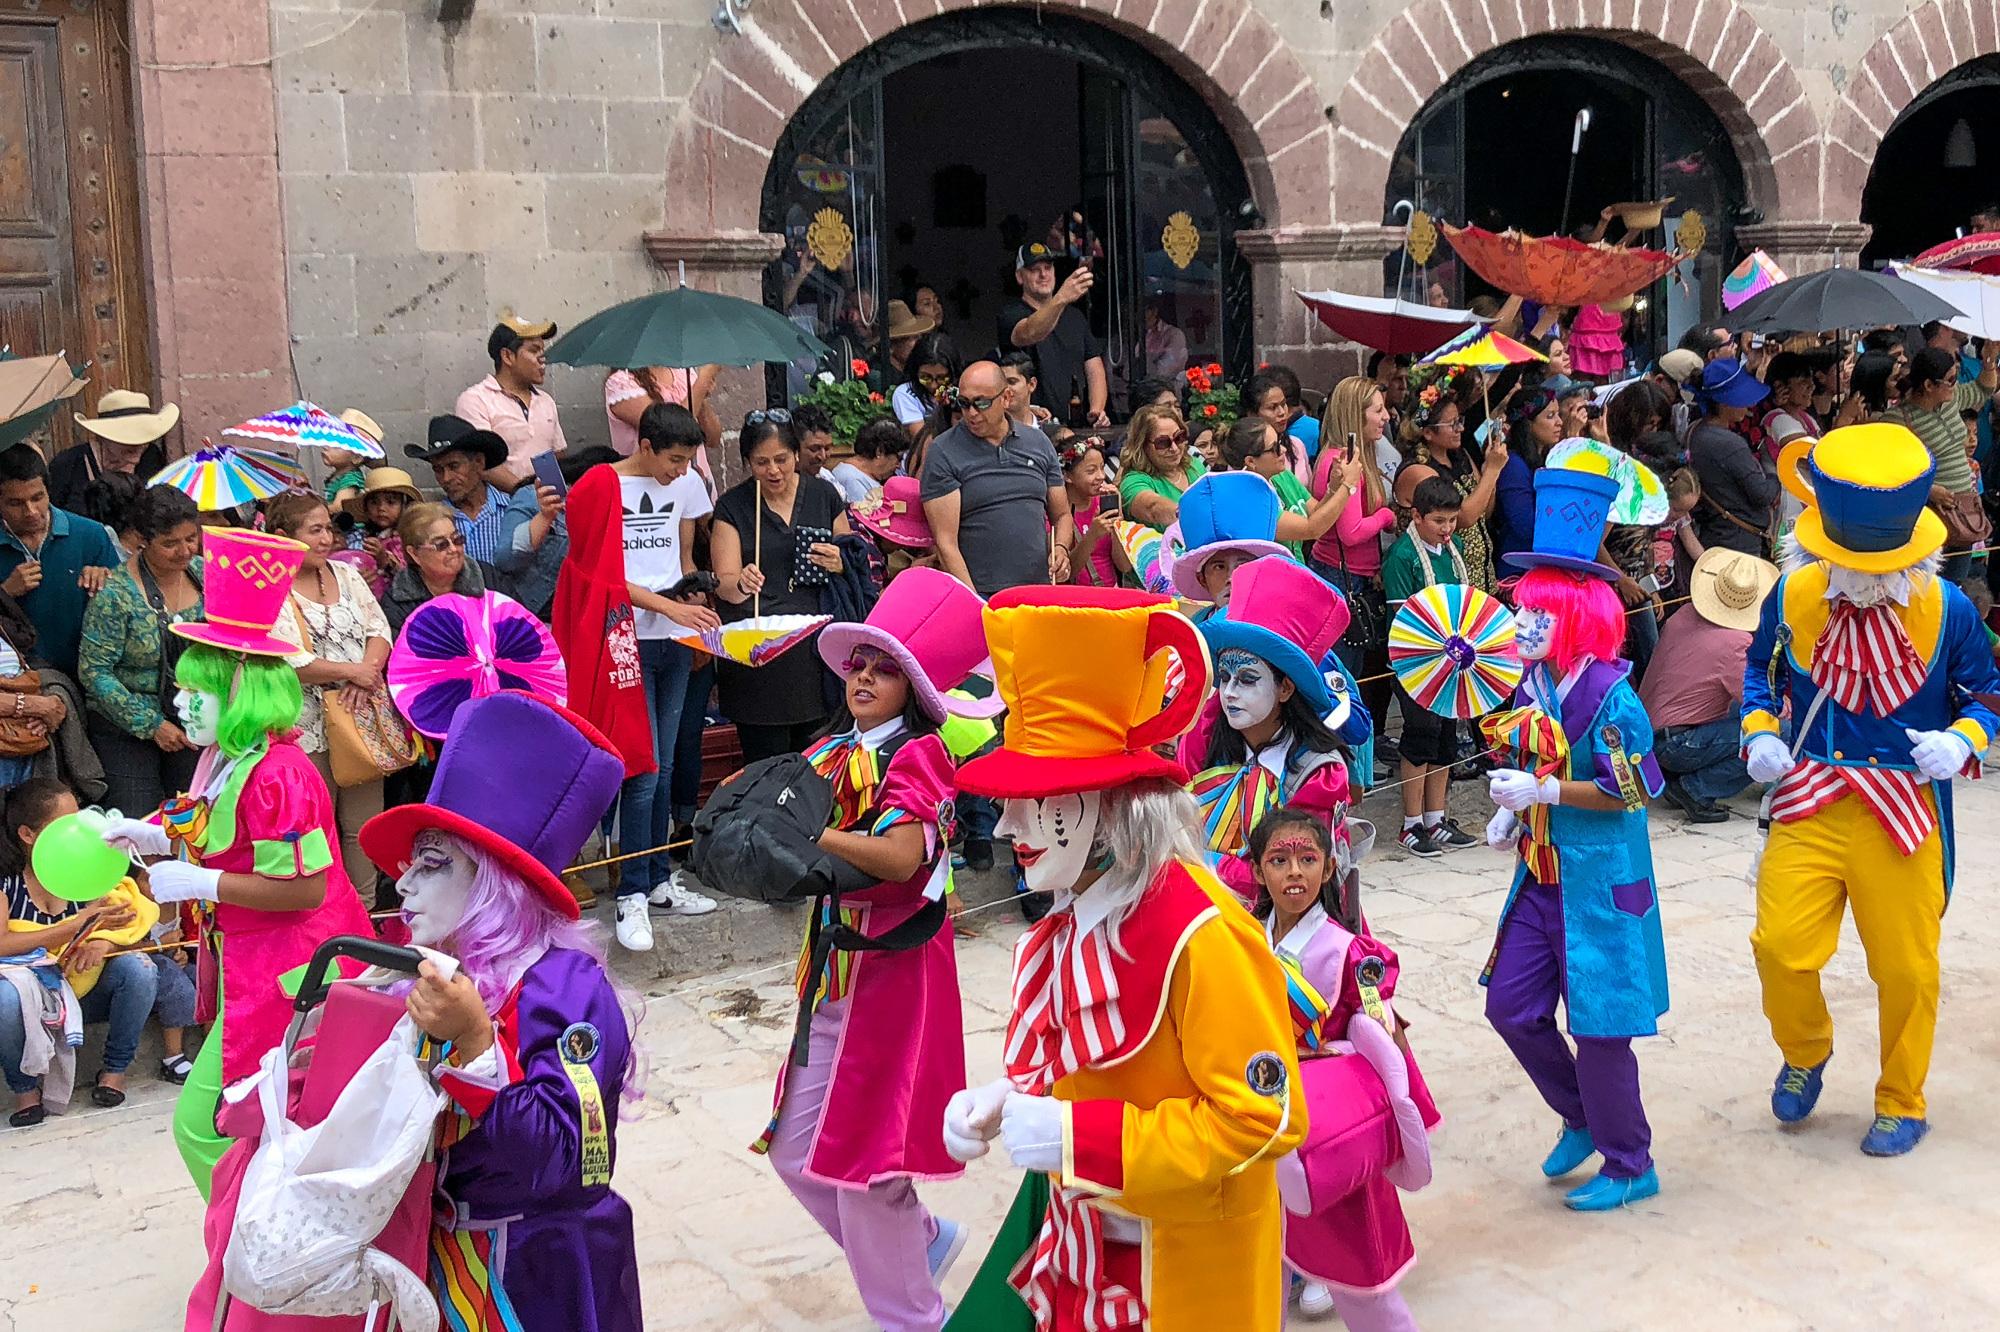 Dia de los Locos Parade in San Miguel de Allende, Mexico